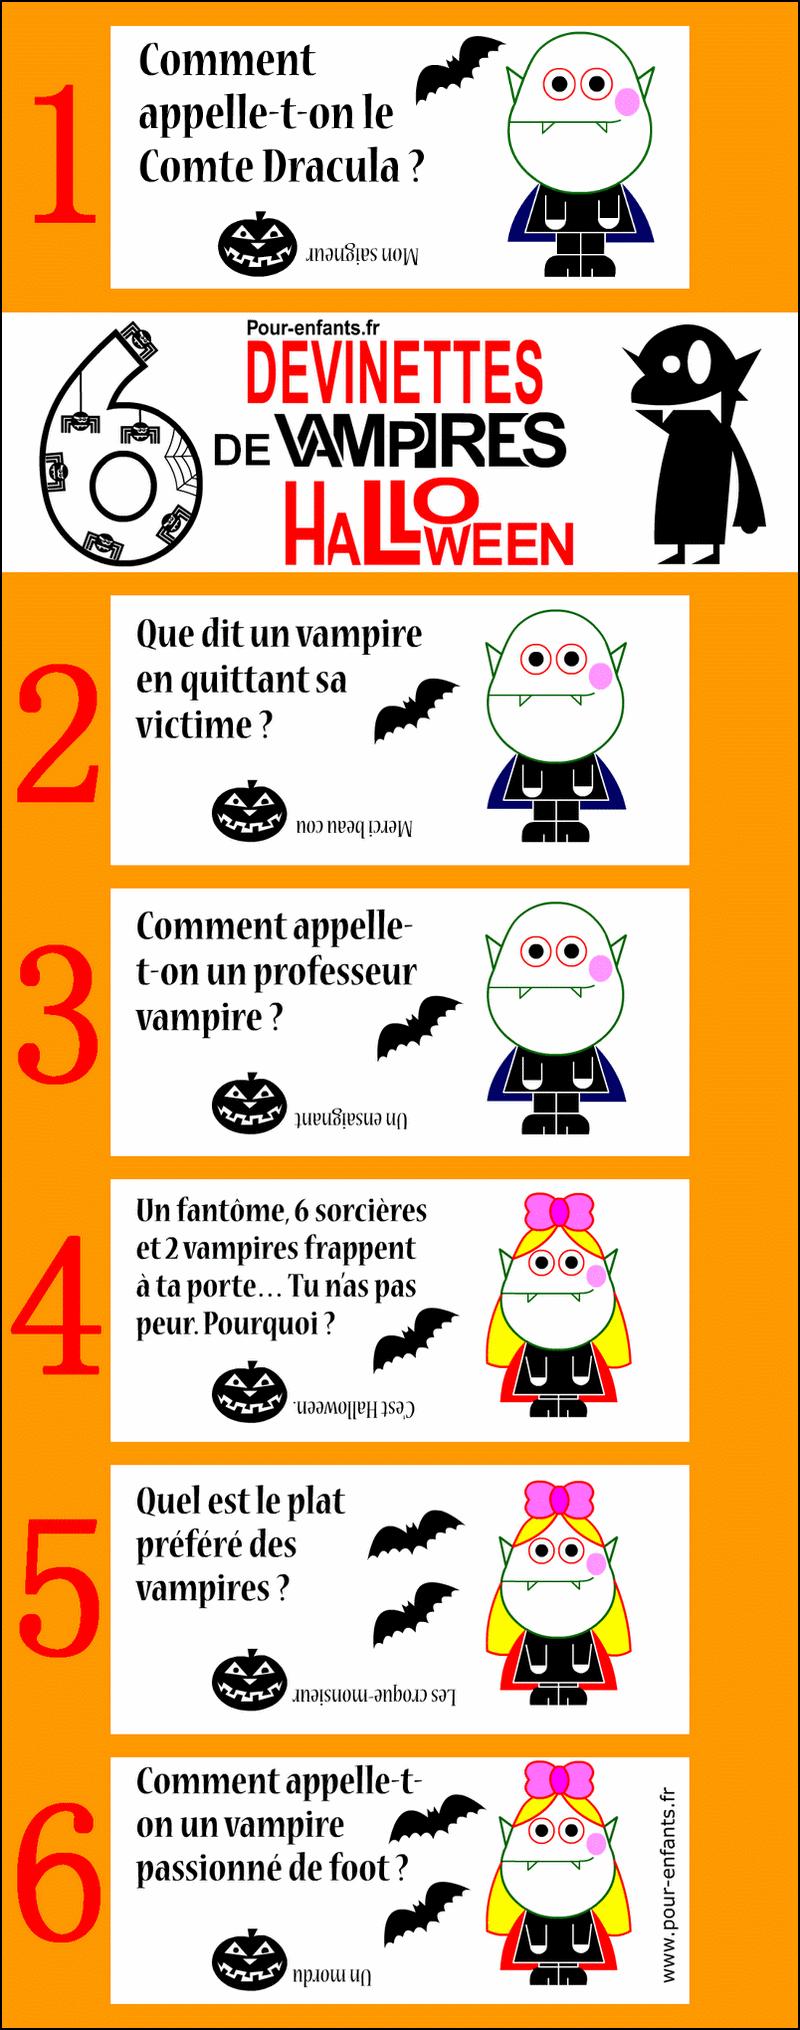 Fabulous Blagues et devinettes de vampires. Devinettes Halloween pour  MR71